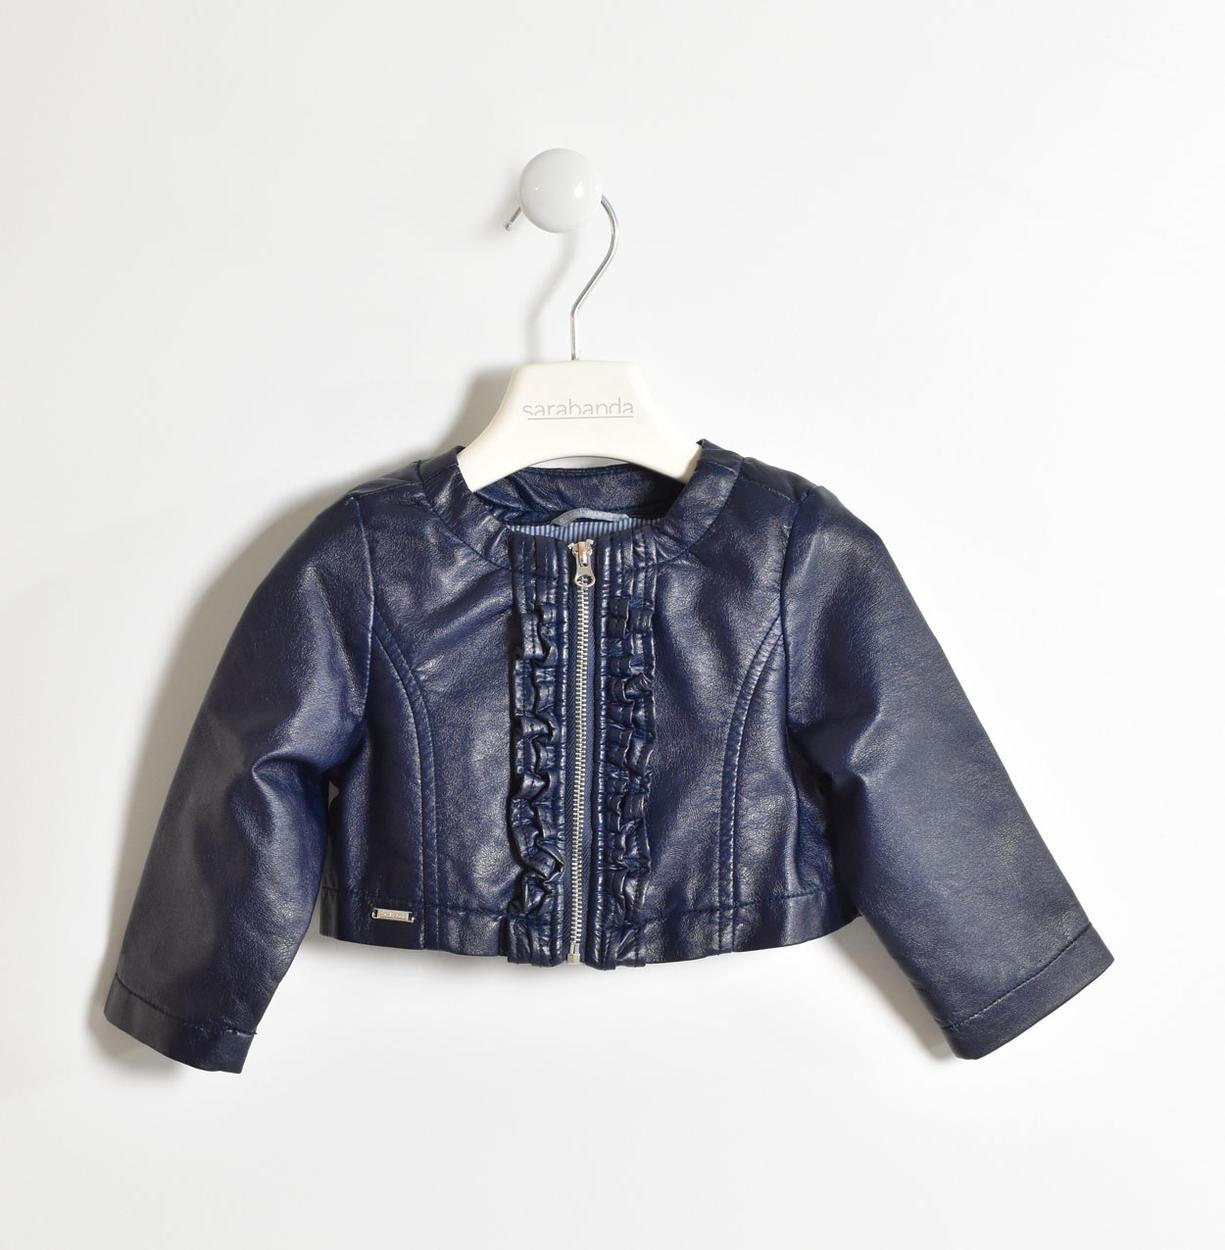 big sale 0617d b3c70 Giubbotto in ecopelle con rouches per bambina da 6 mesi a 7 anni Sarabanda